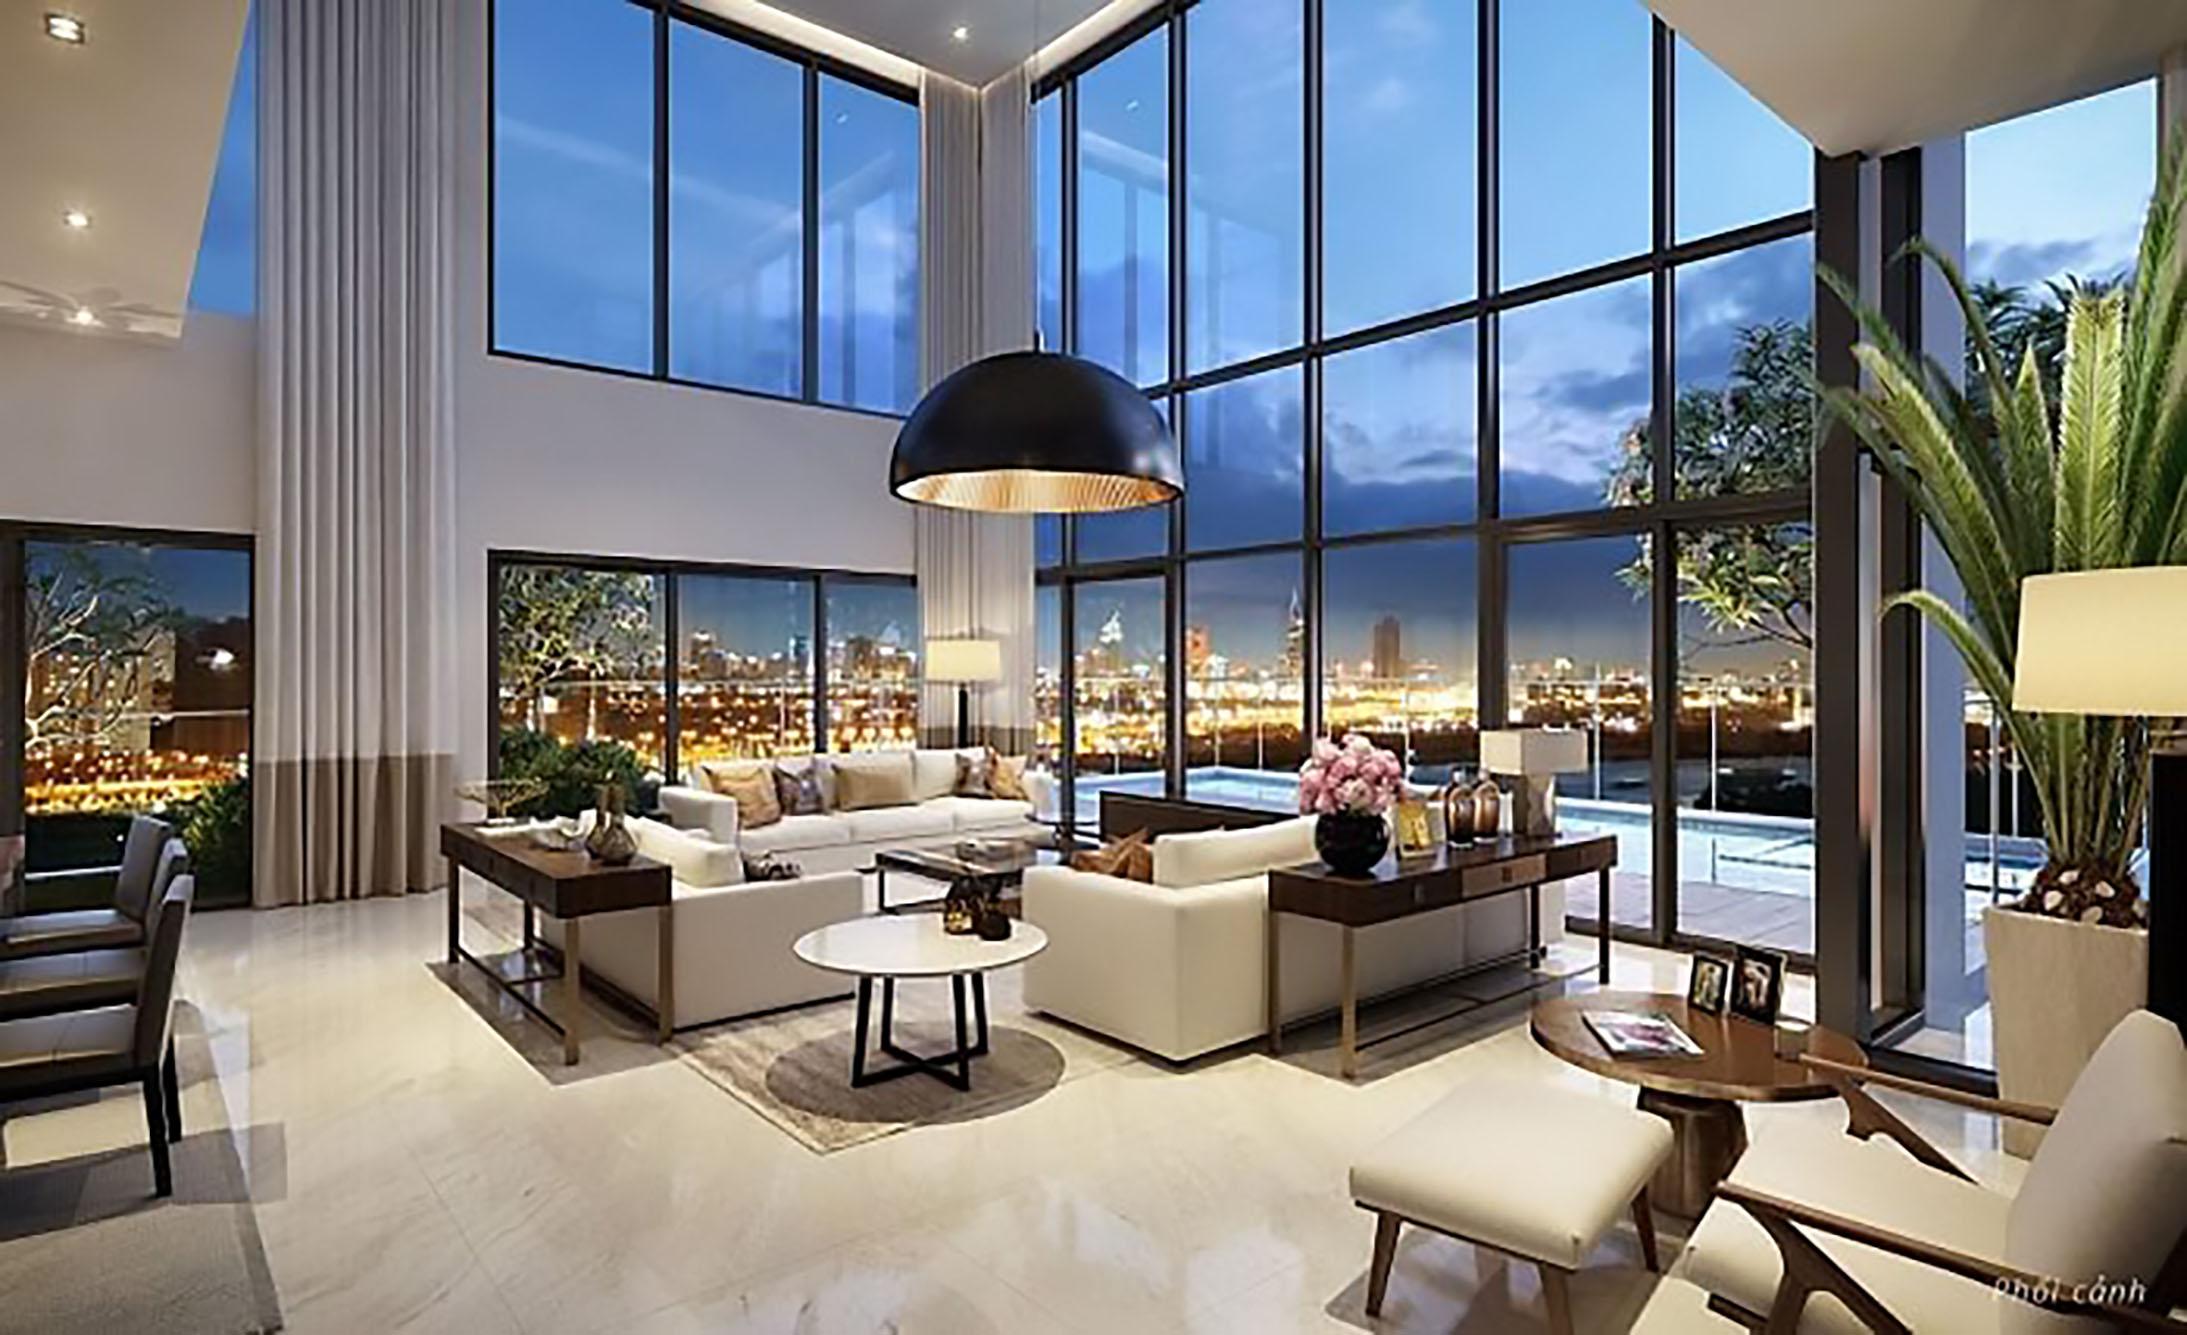 thiết kệ nội thất căn hộ Duplex tuyệt đẹp